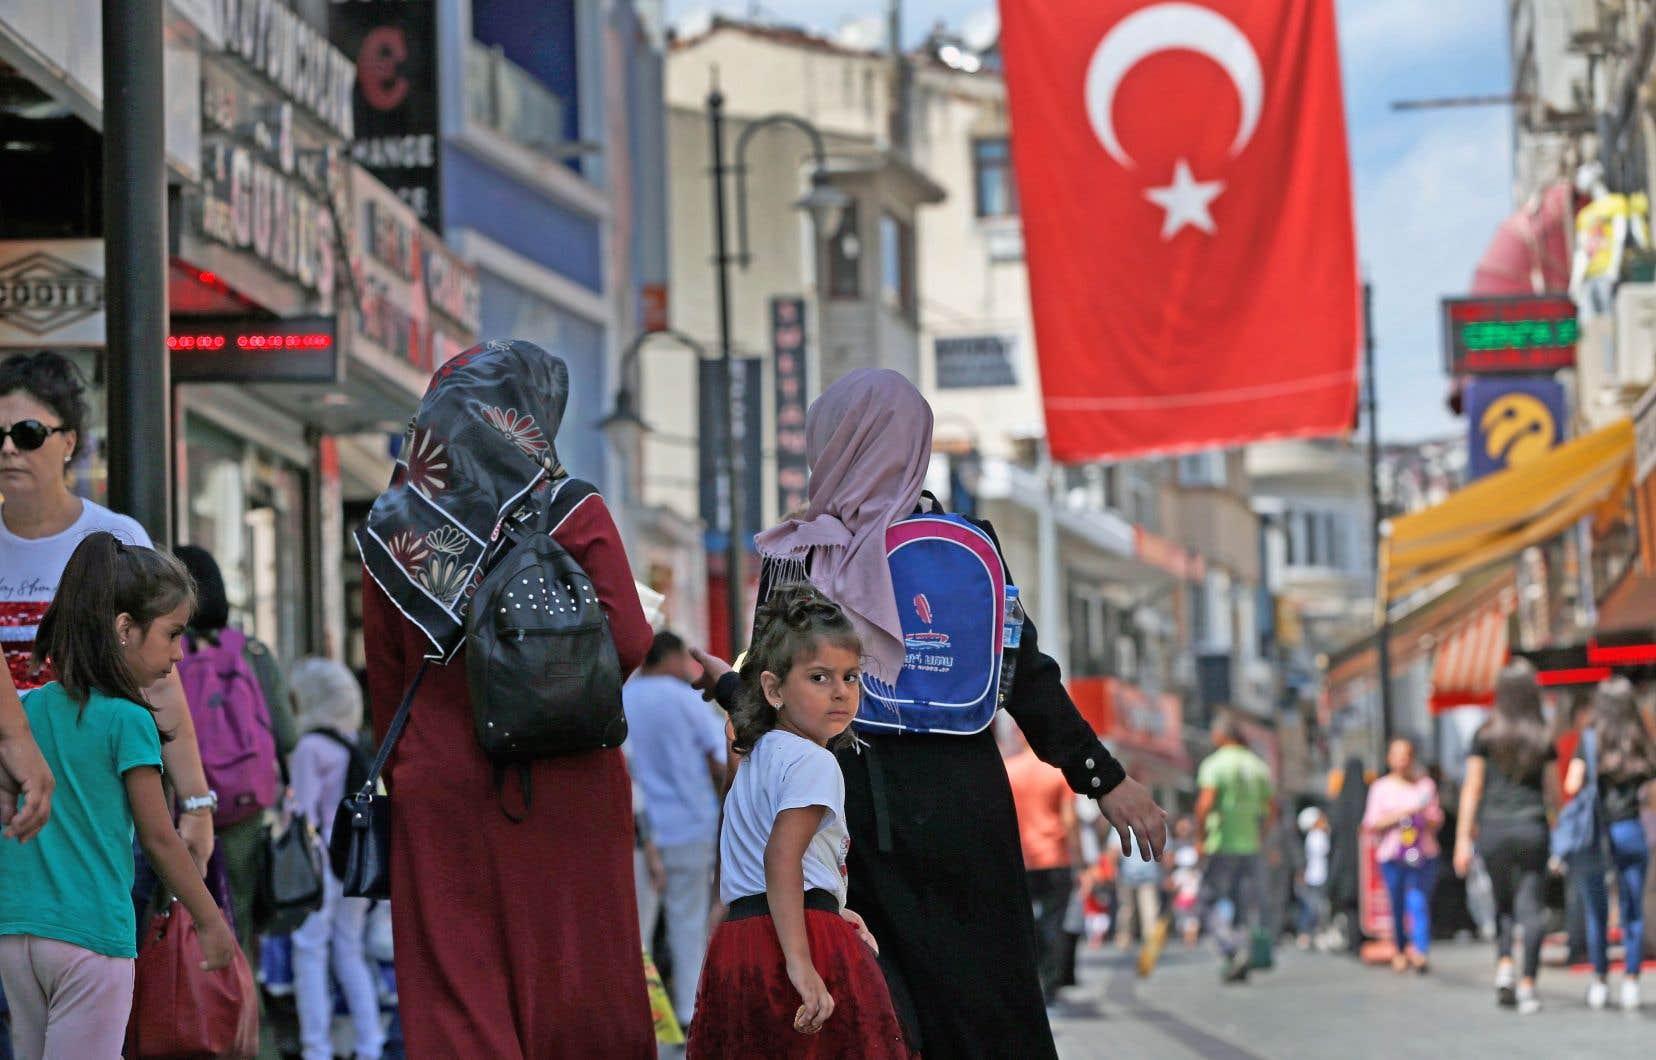 Des passants dans un marché d'Istanbul. Les tensions américano-turques ont précipité l'effondrement de la livre, qui a perdu plus de 40% de sa valeur face au billet vert et à l'euro depuis le début de l'année.